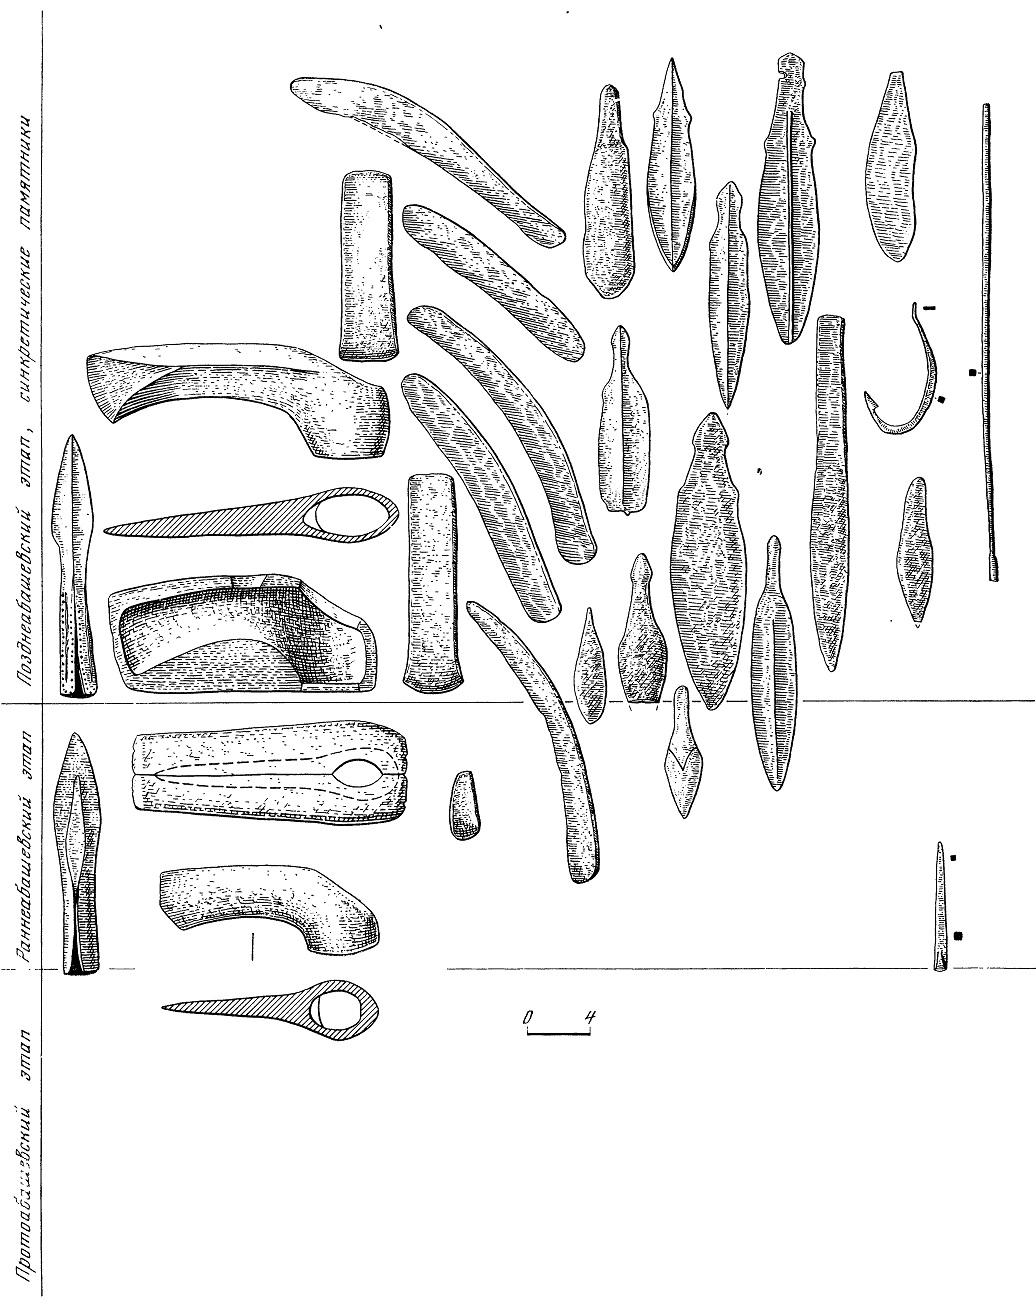 Рис. 60б. Этапы развития абашевской культуры. Изделия из металла